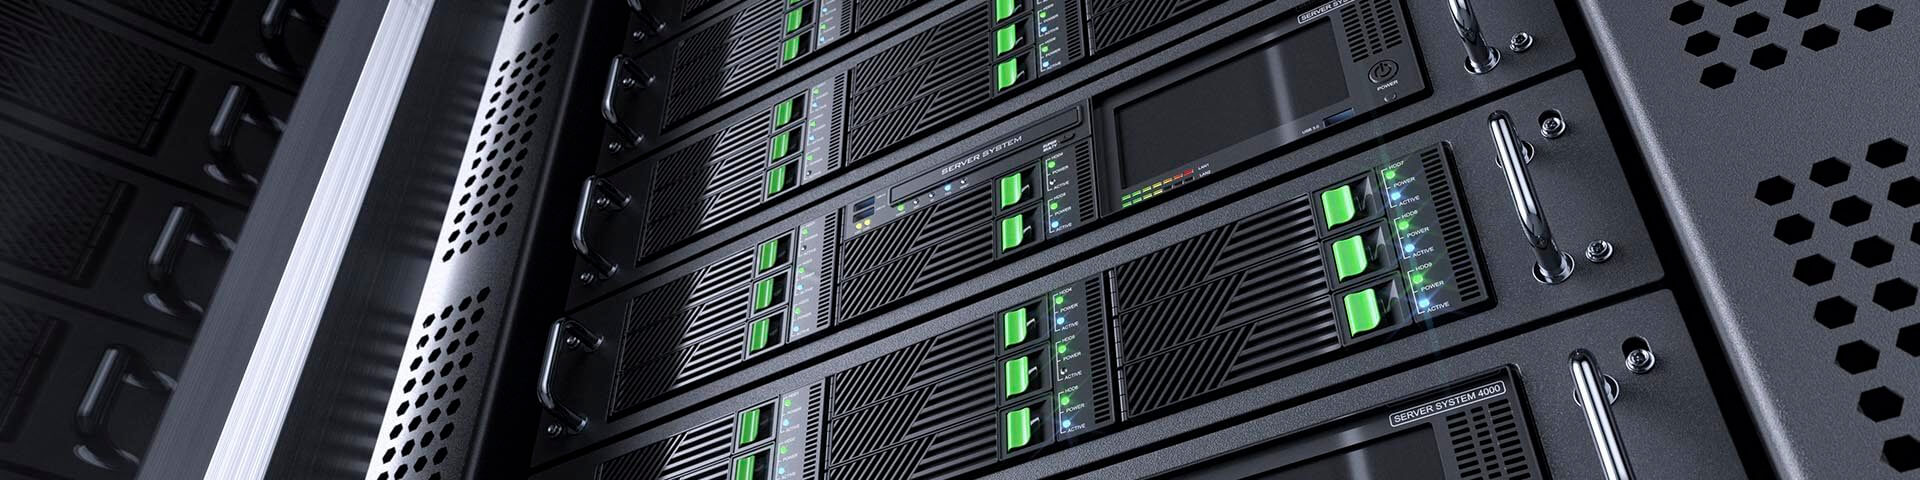 0003_IT-Service-Management